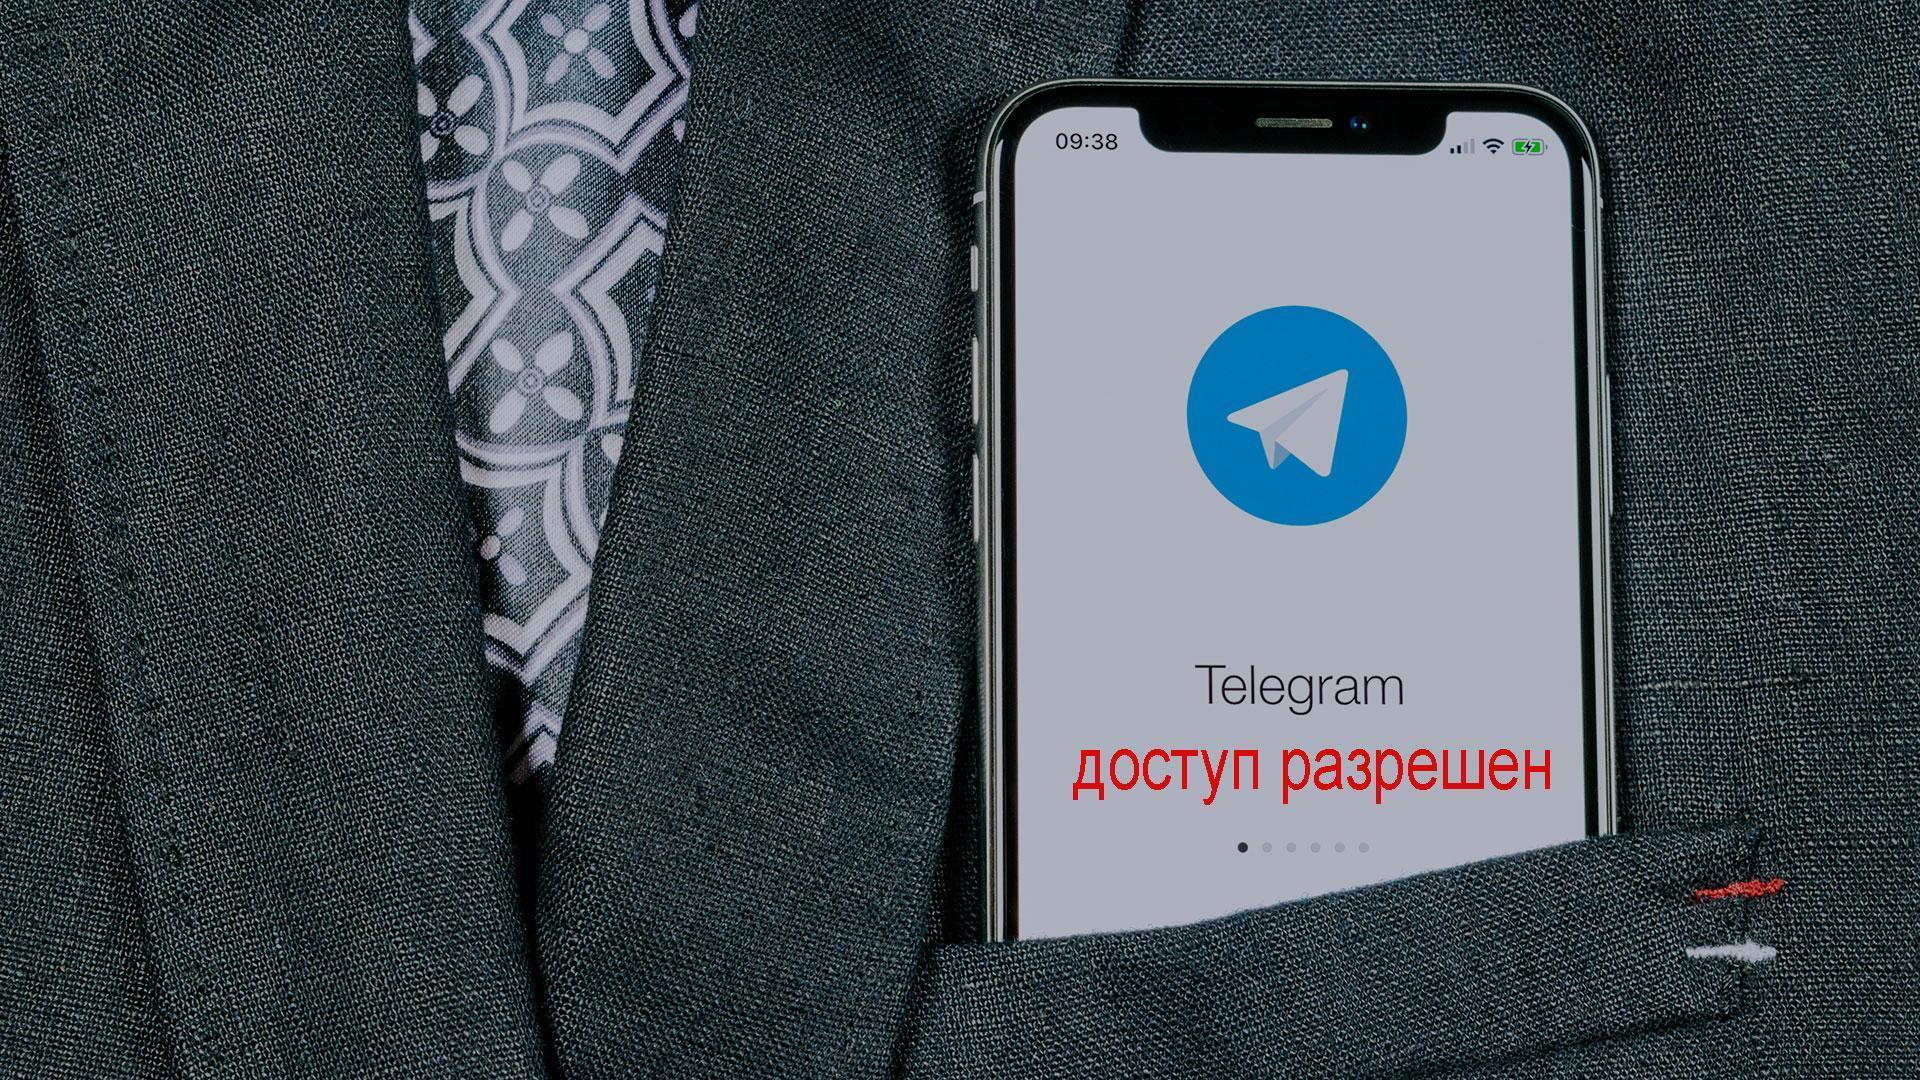 В России разблокировали блог-платформу от создателей Telegram